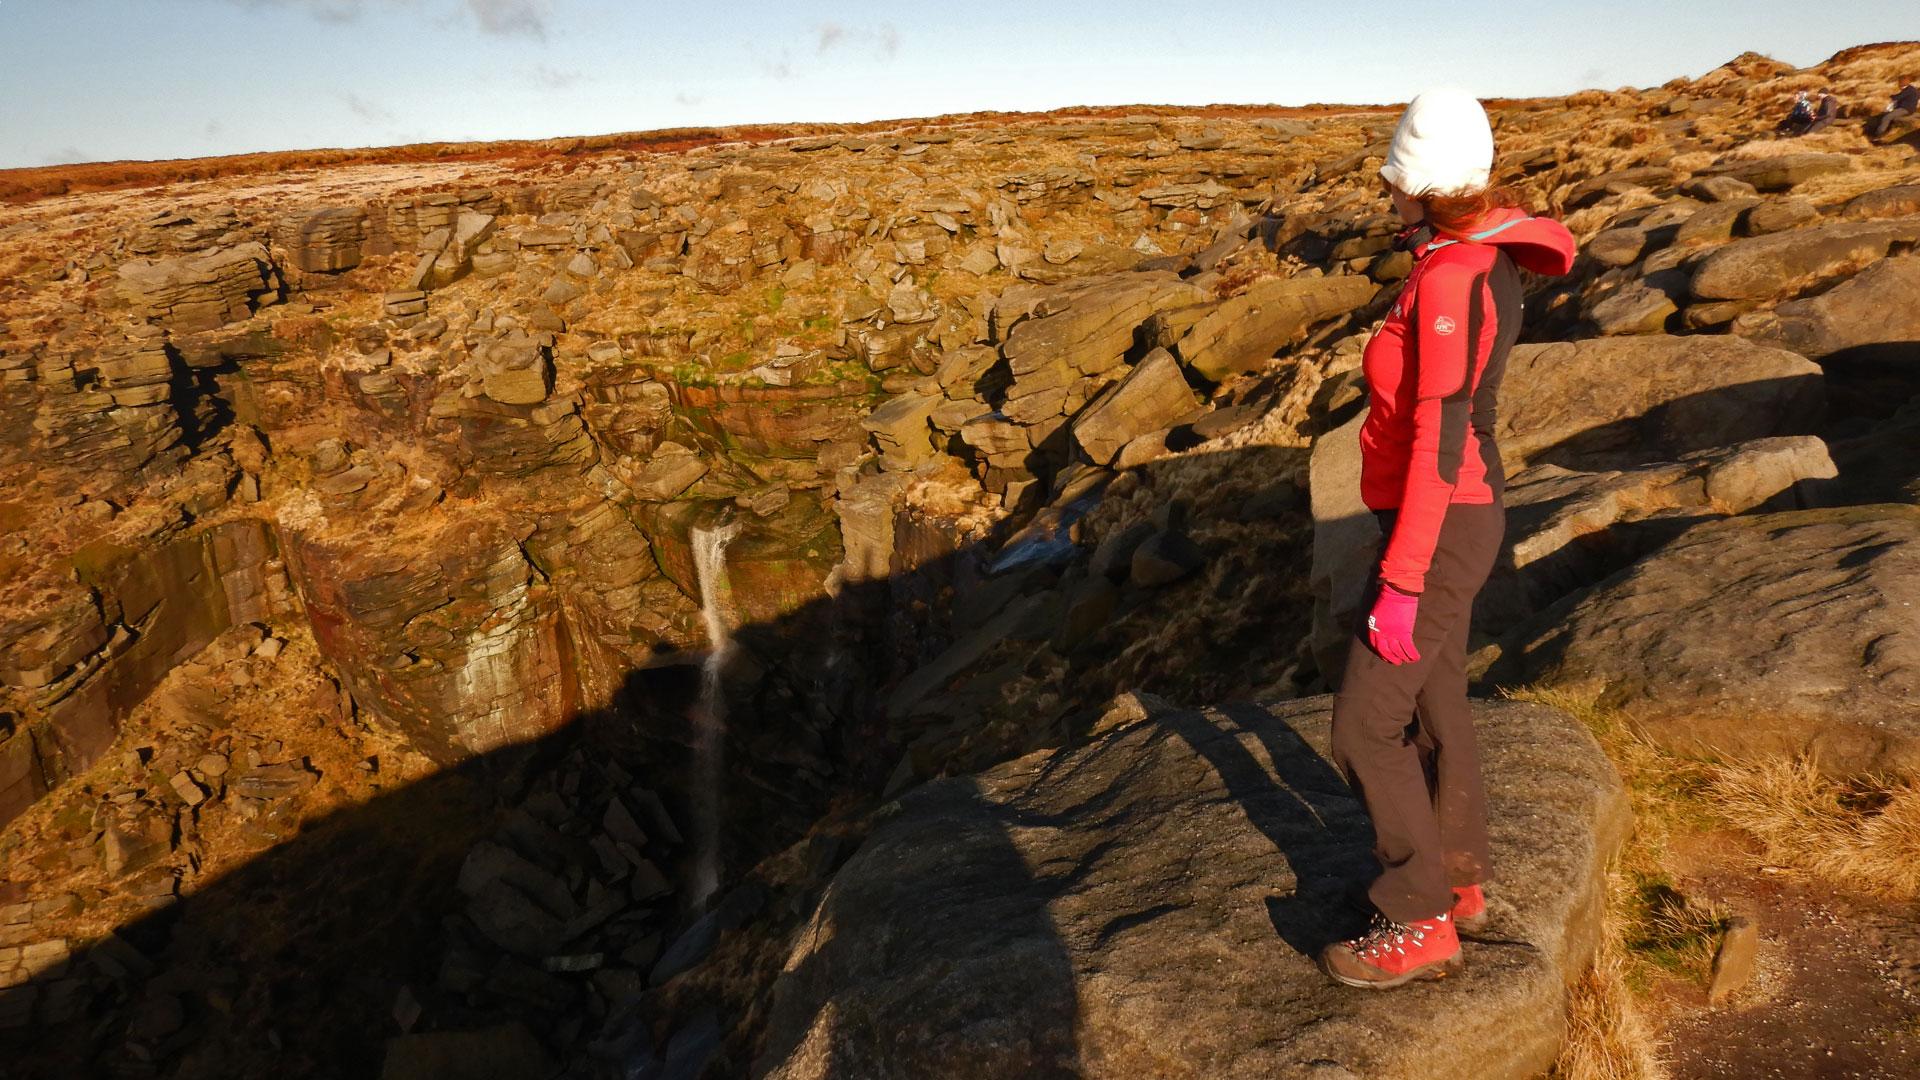 Peak District National Park & Kinder Scout